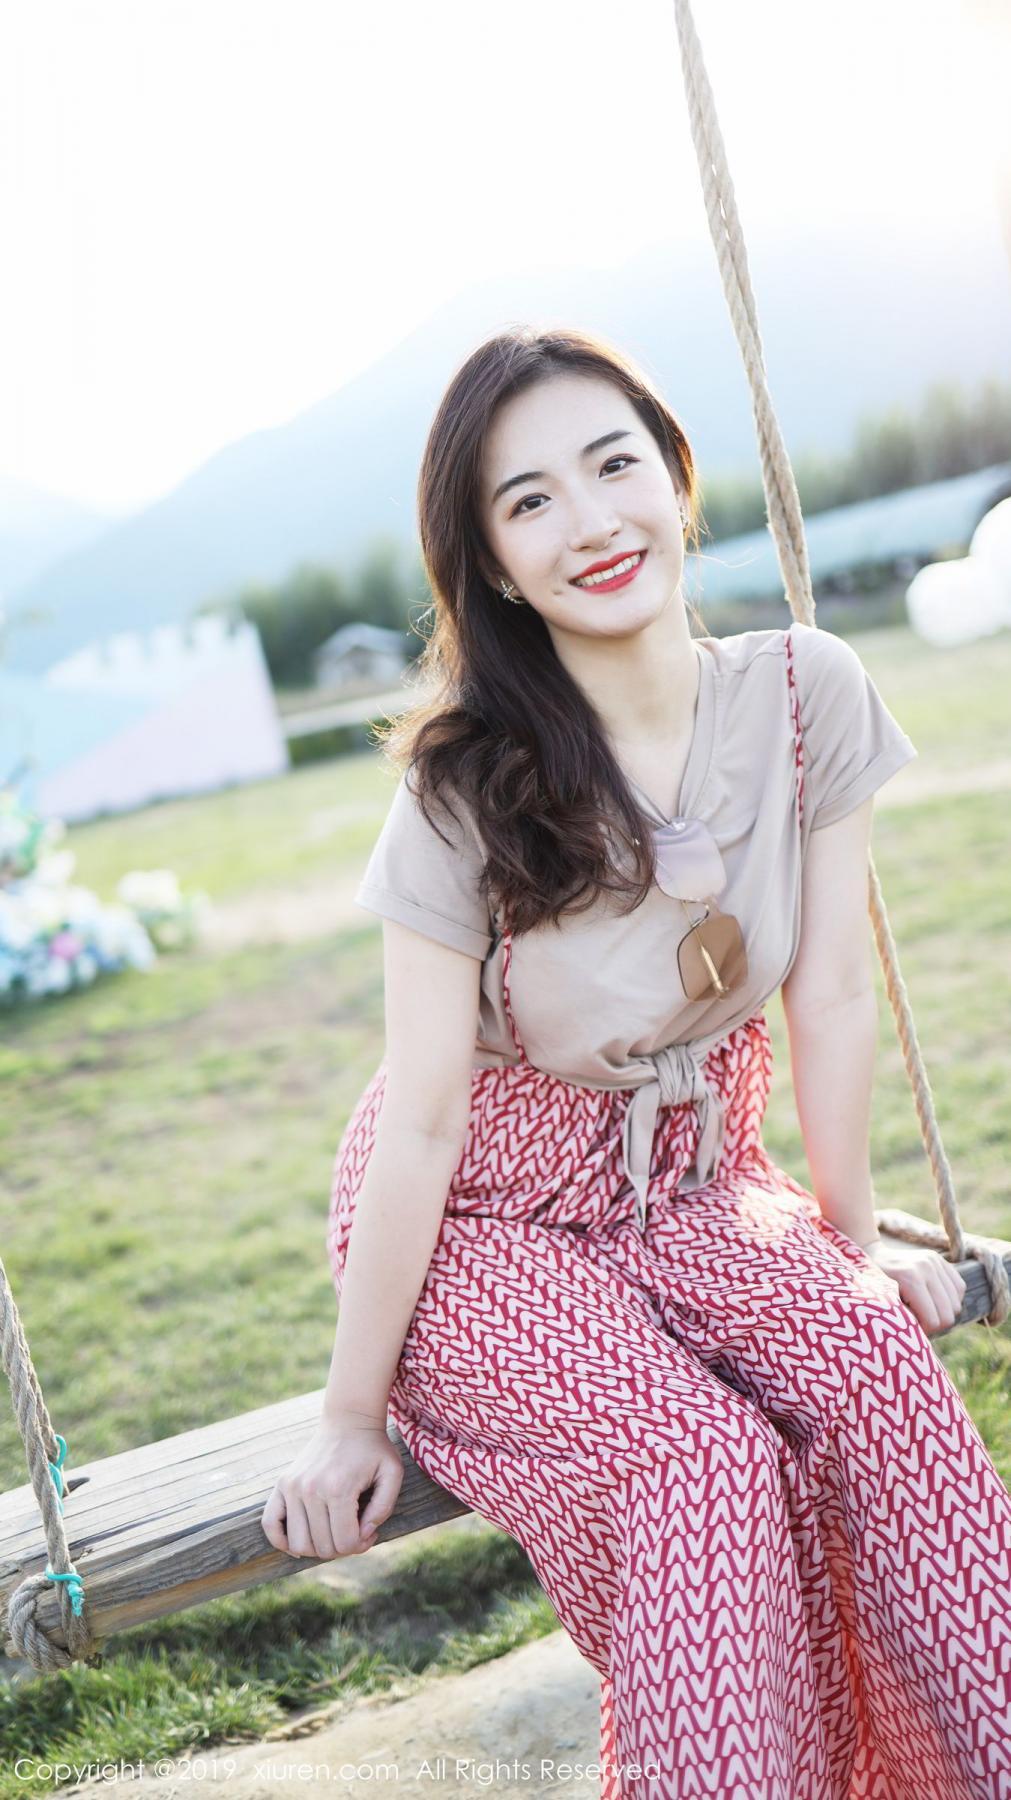 [XiuRen] Vol.1718 Gong Tian Yi 40P, Gong Tian Yi, Outdoor, Temperament, Xiuren